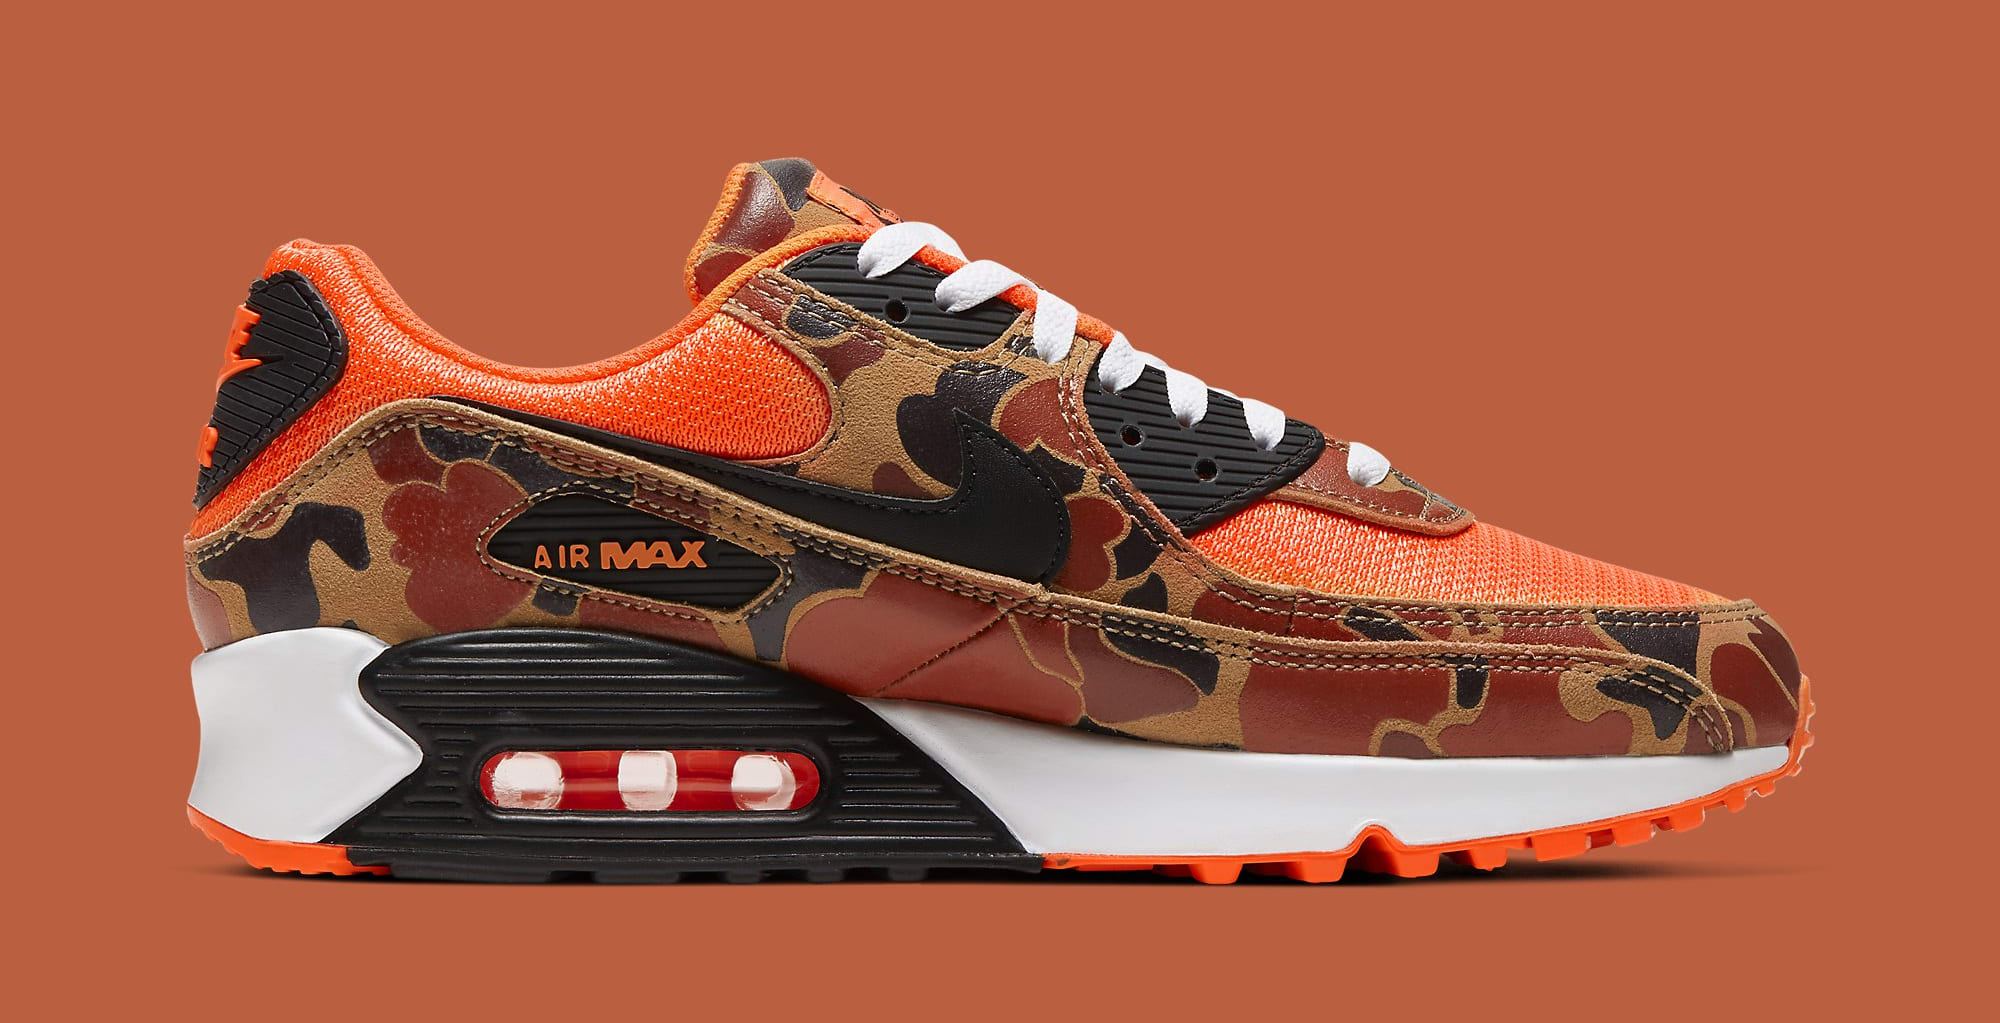 Nike Air Max 90 'Orange Duck Camo' Release Date CW4039-800 | Sole ...